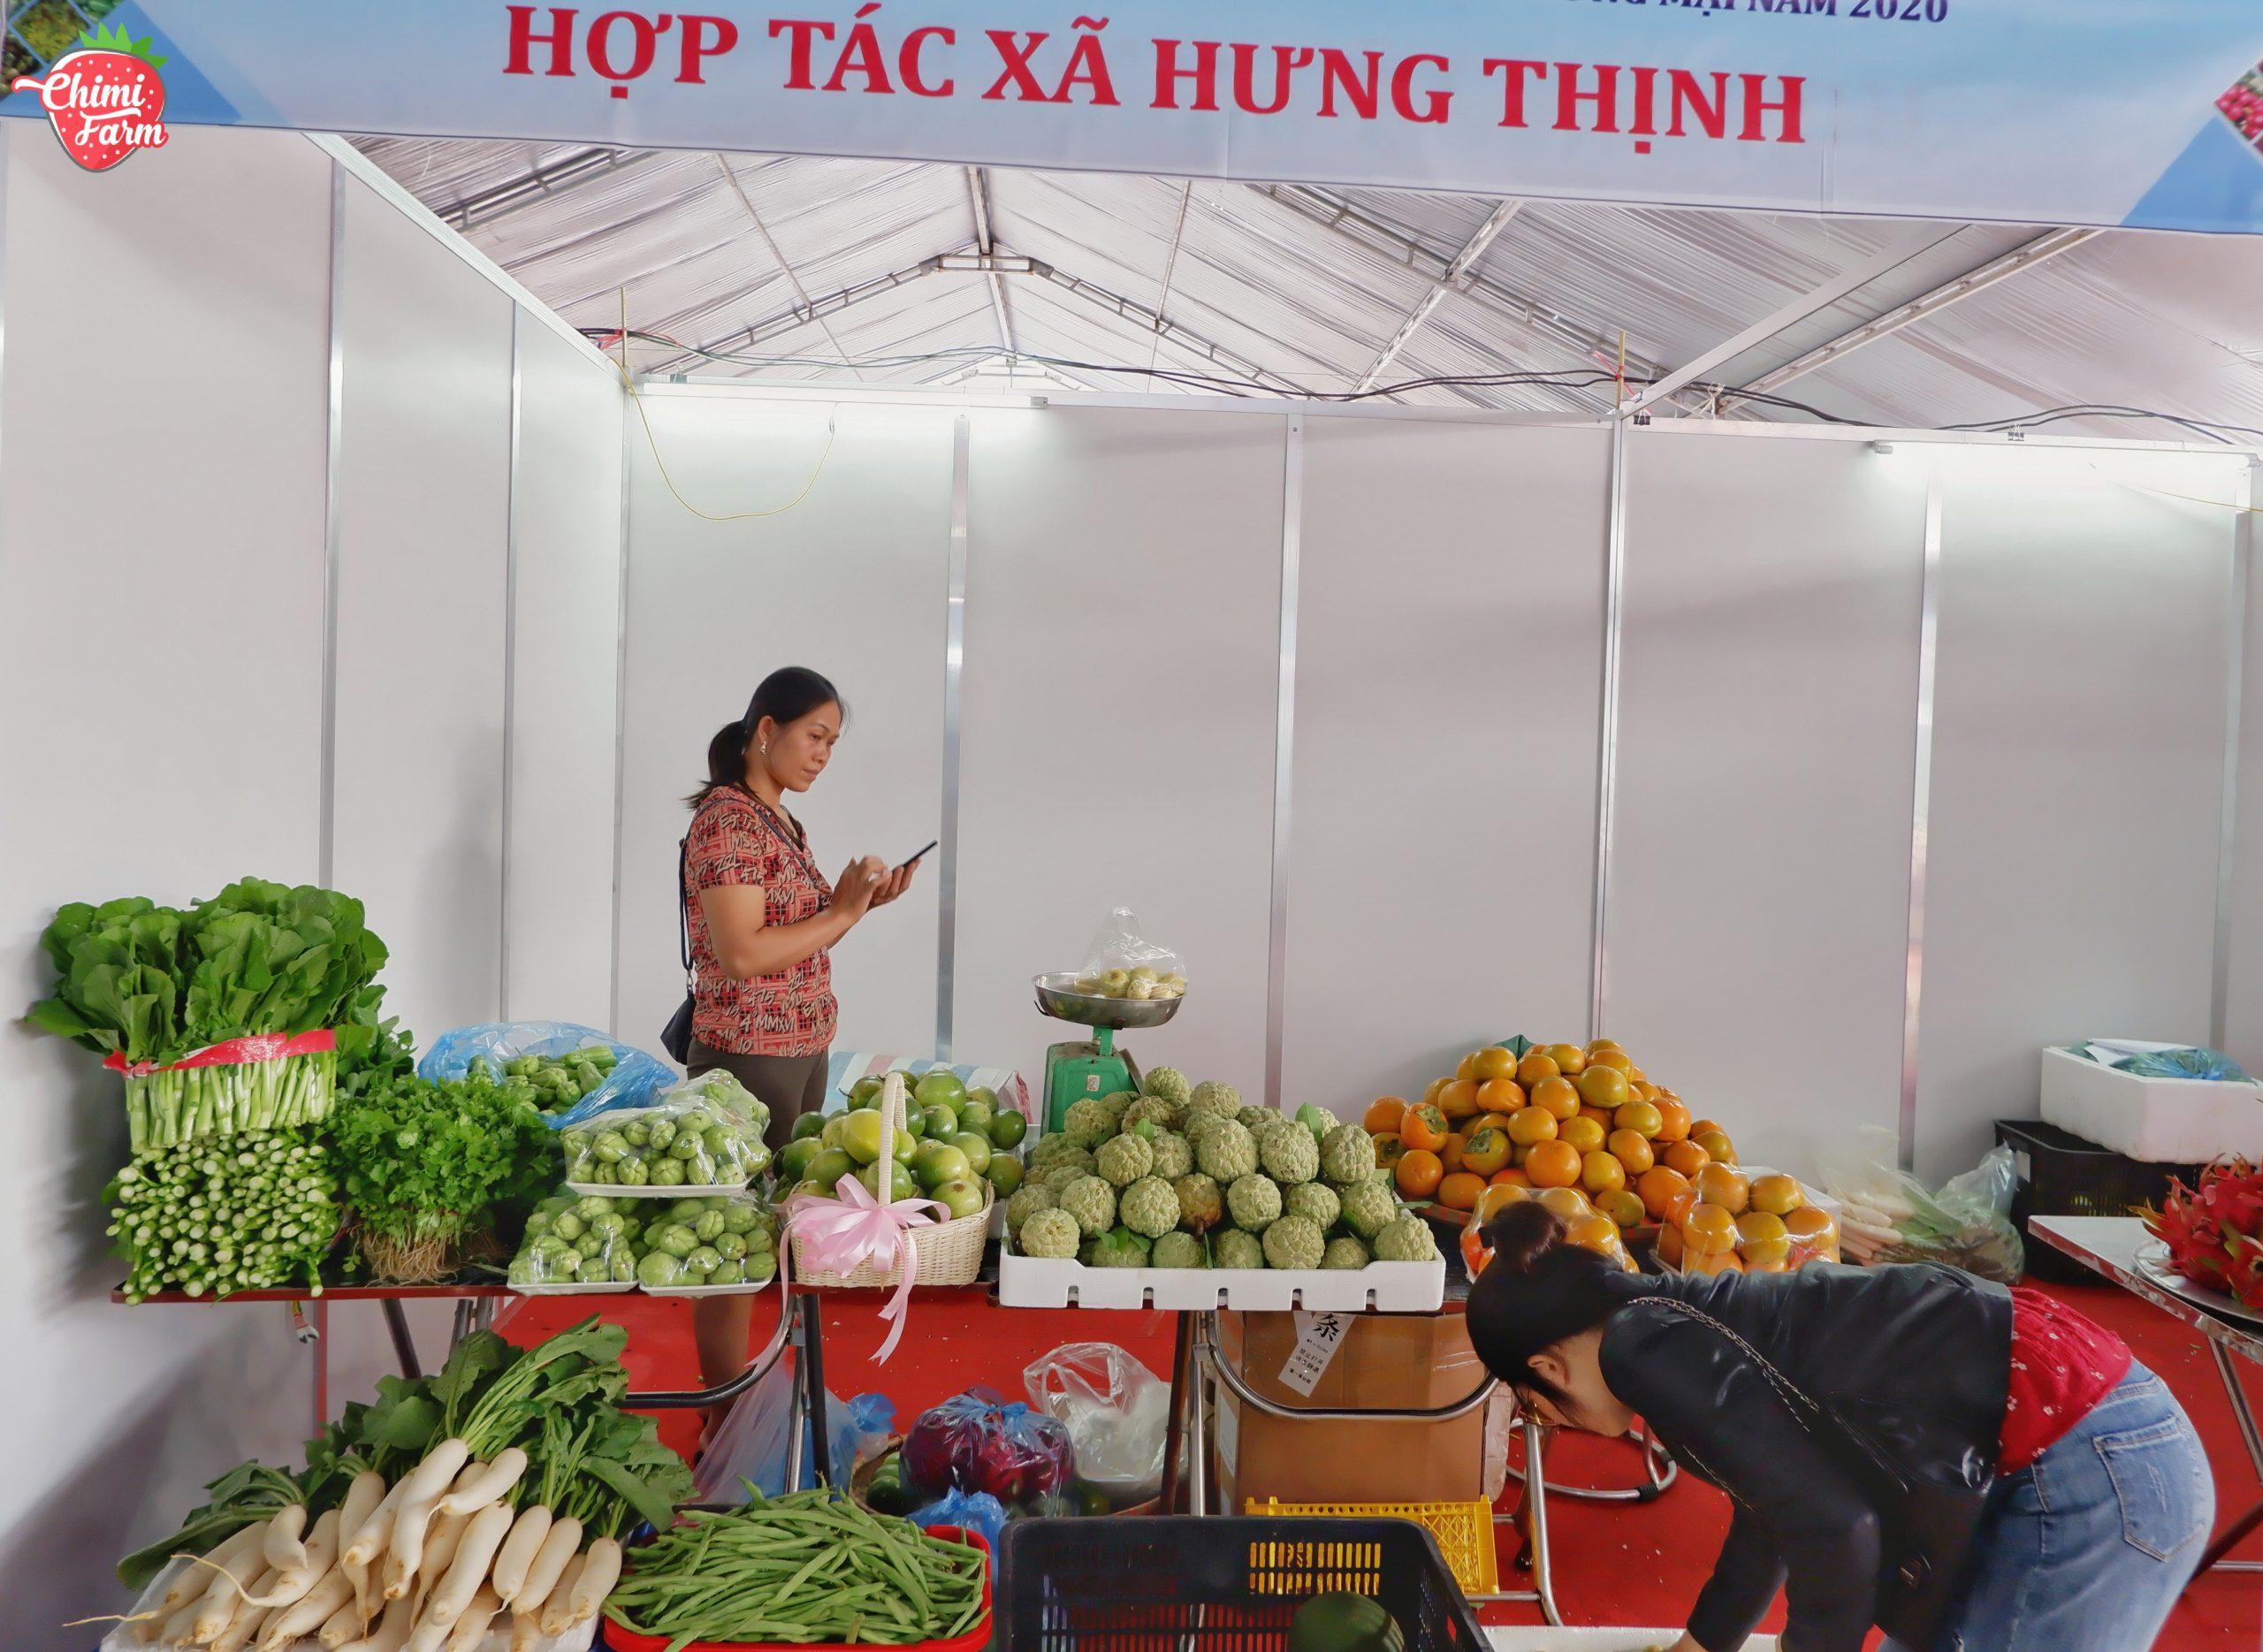 Các gian hàng nông sản chiếm phần đa tại Hội chợ lần này